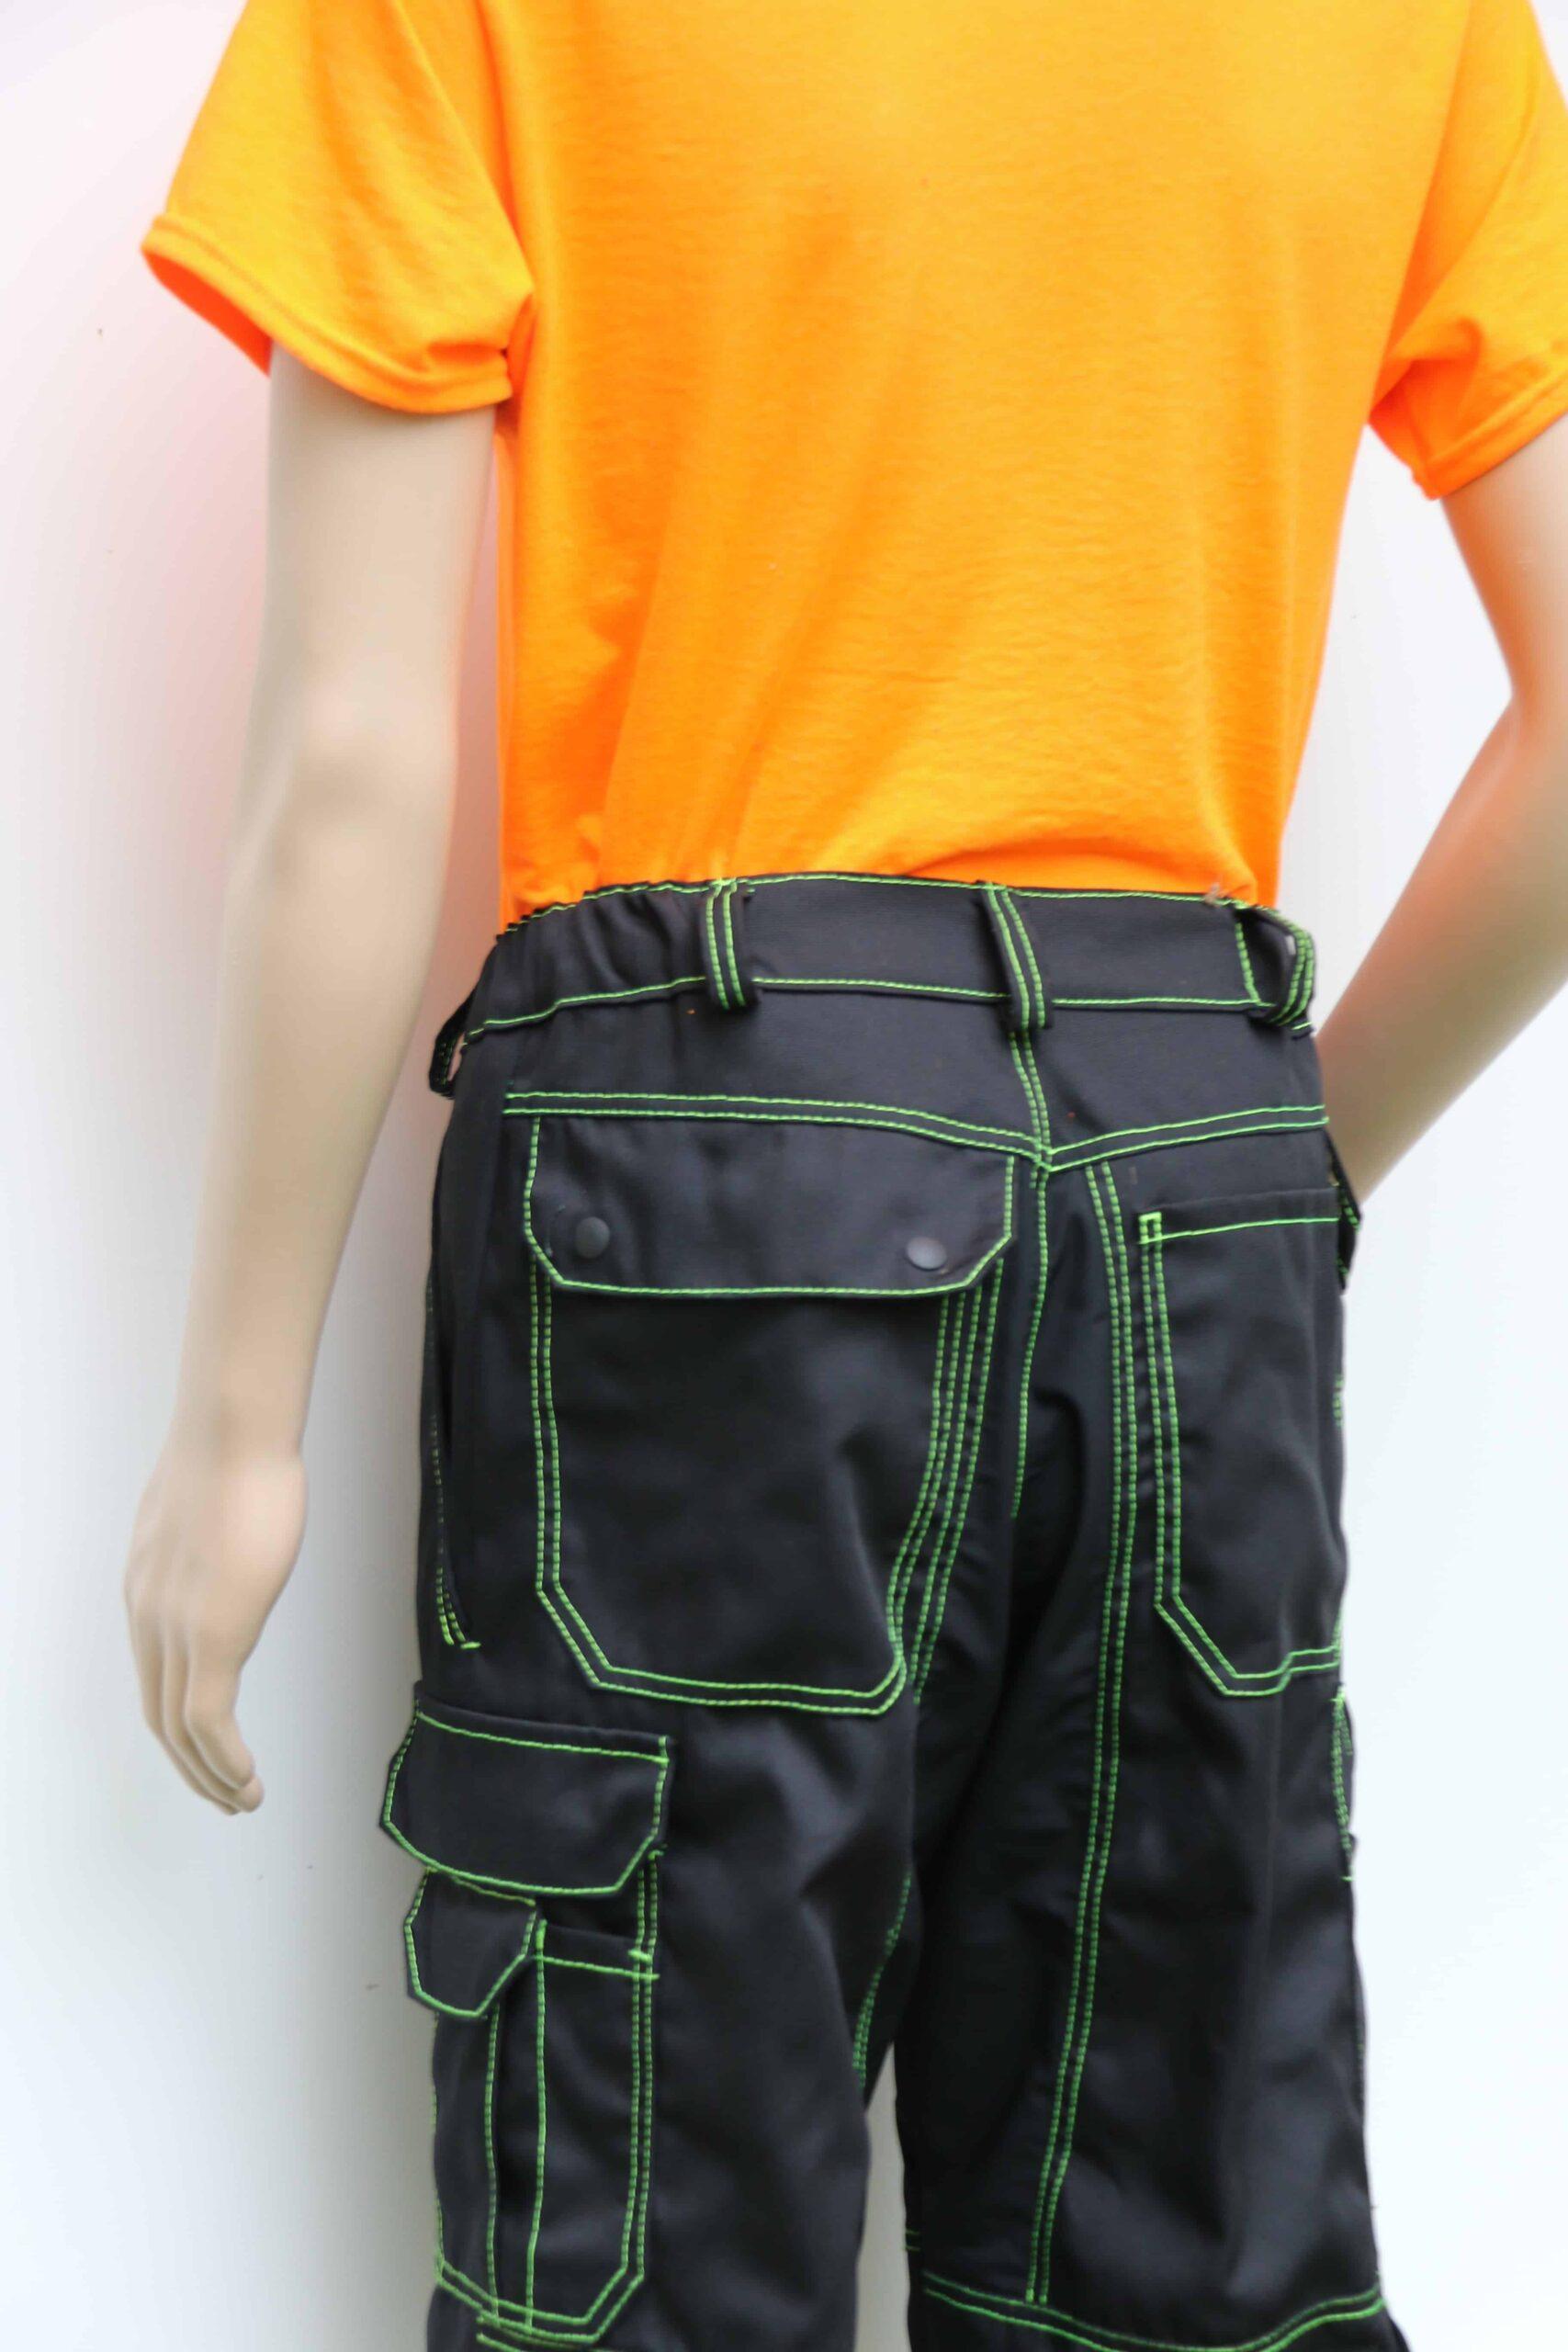 Multinorm sädemekindlad püksid FLAM 14